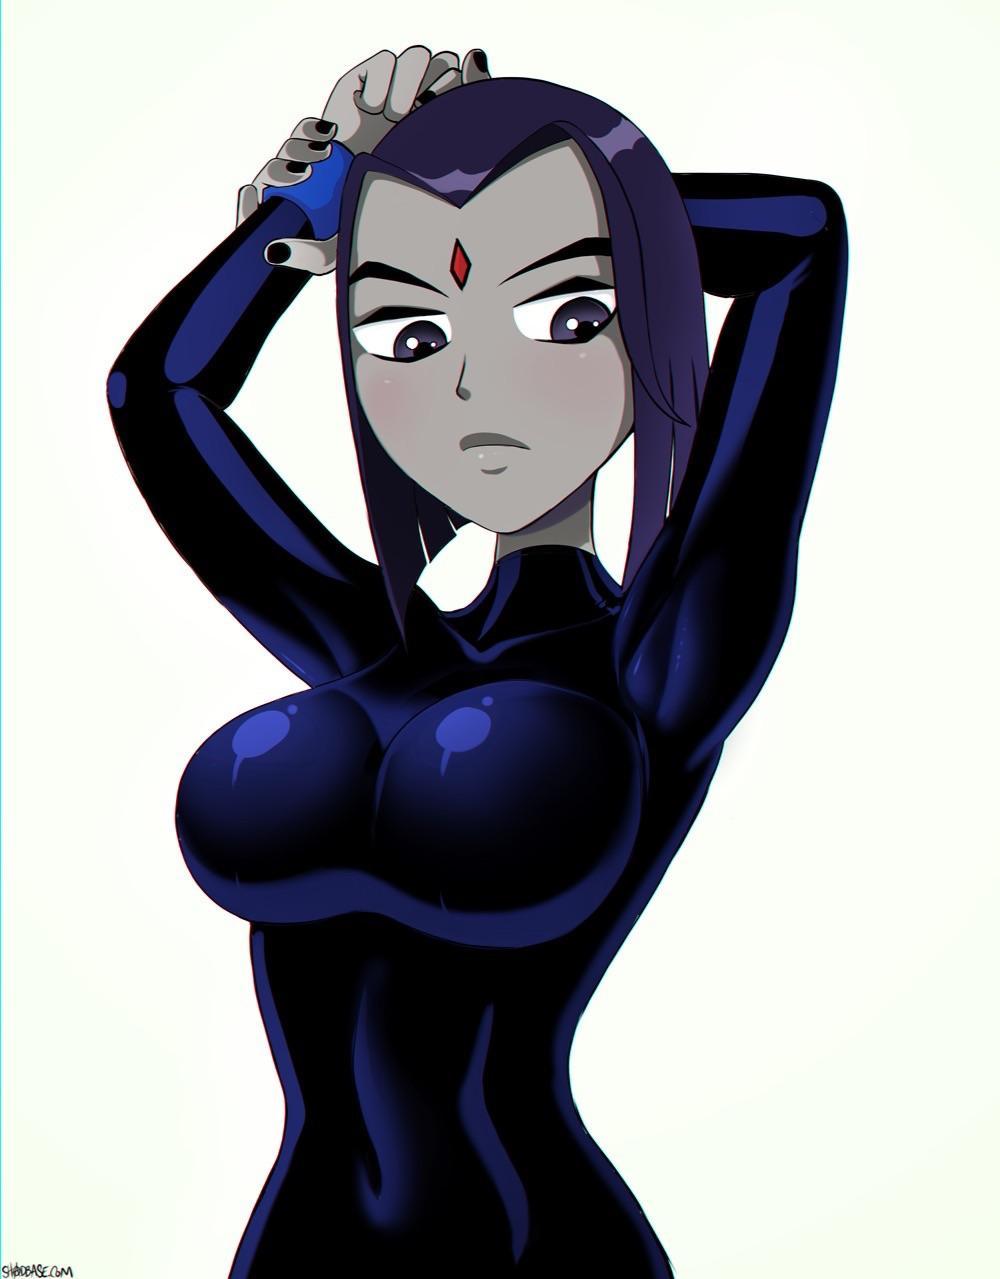 Meg from family guy naked